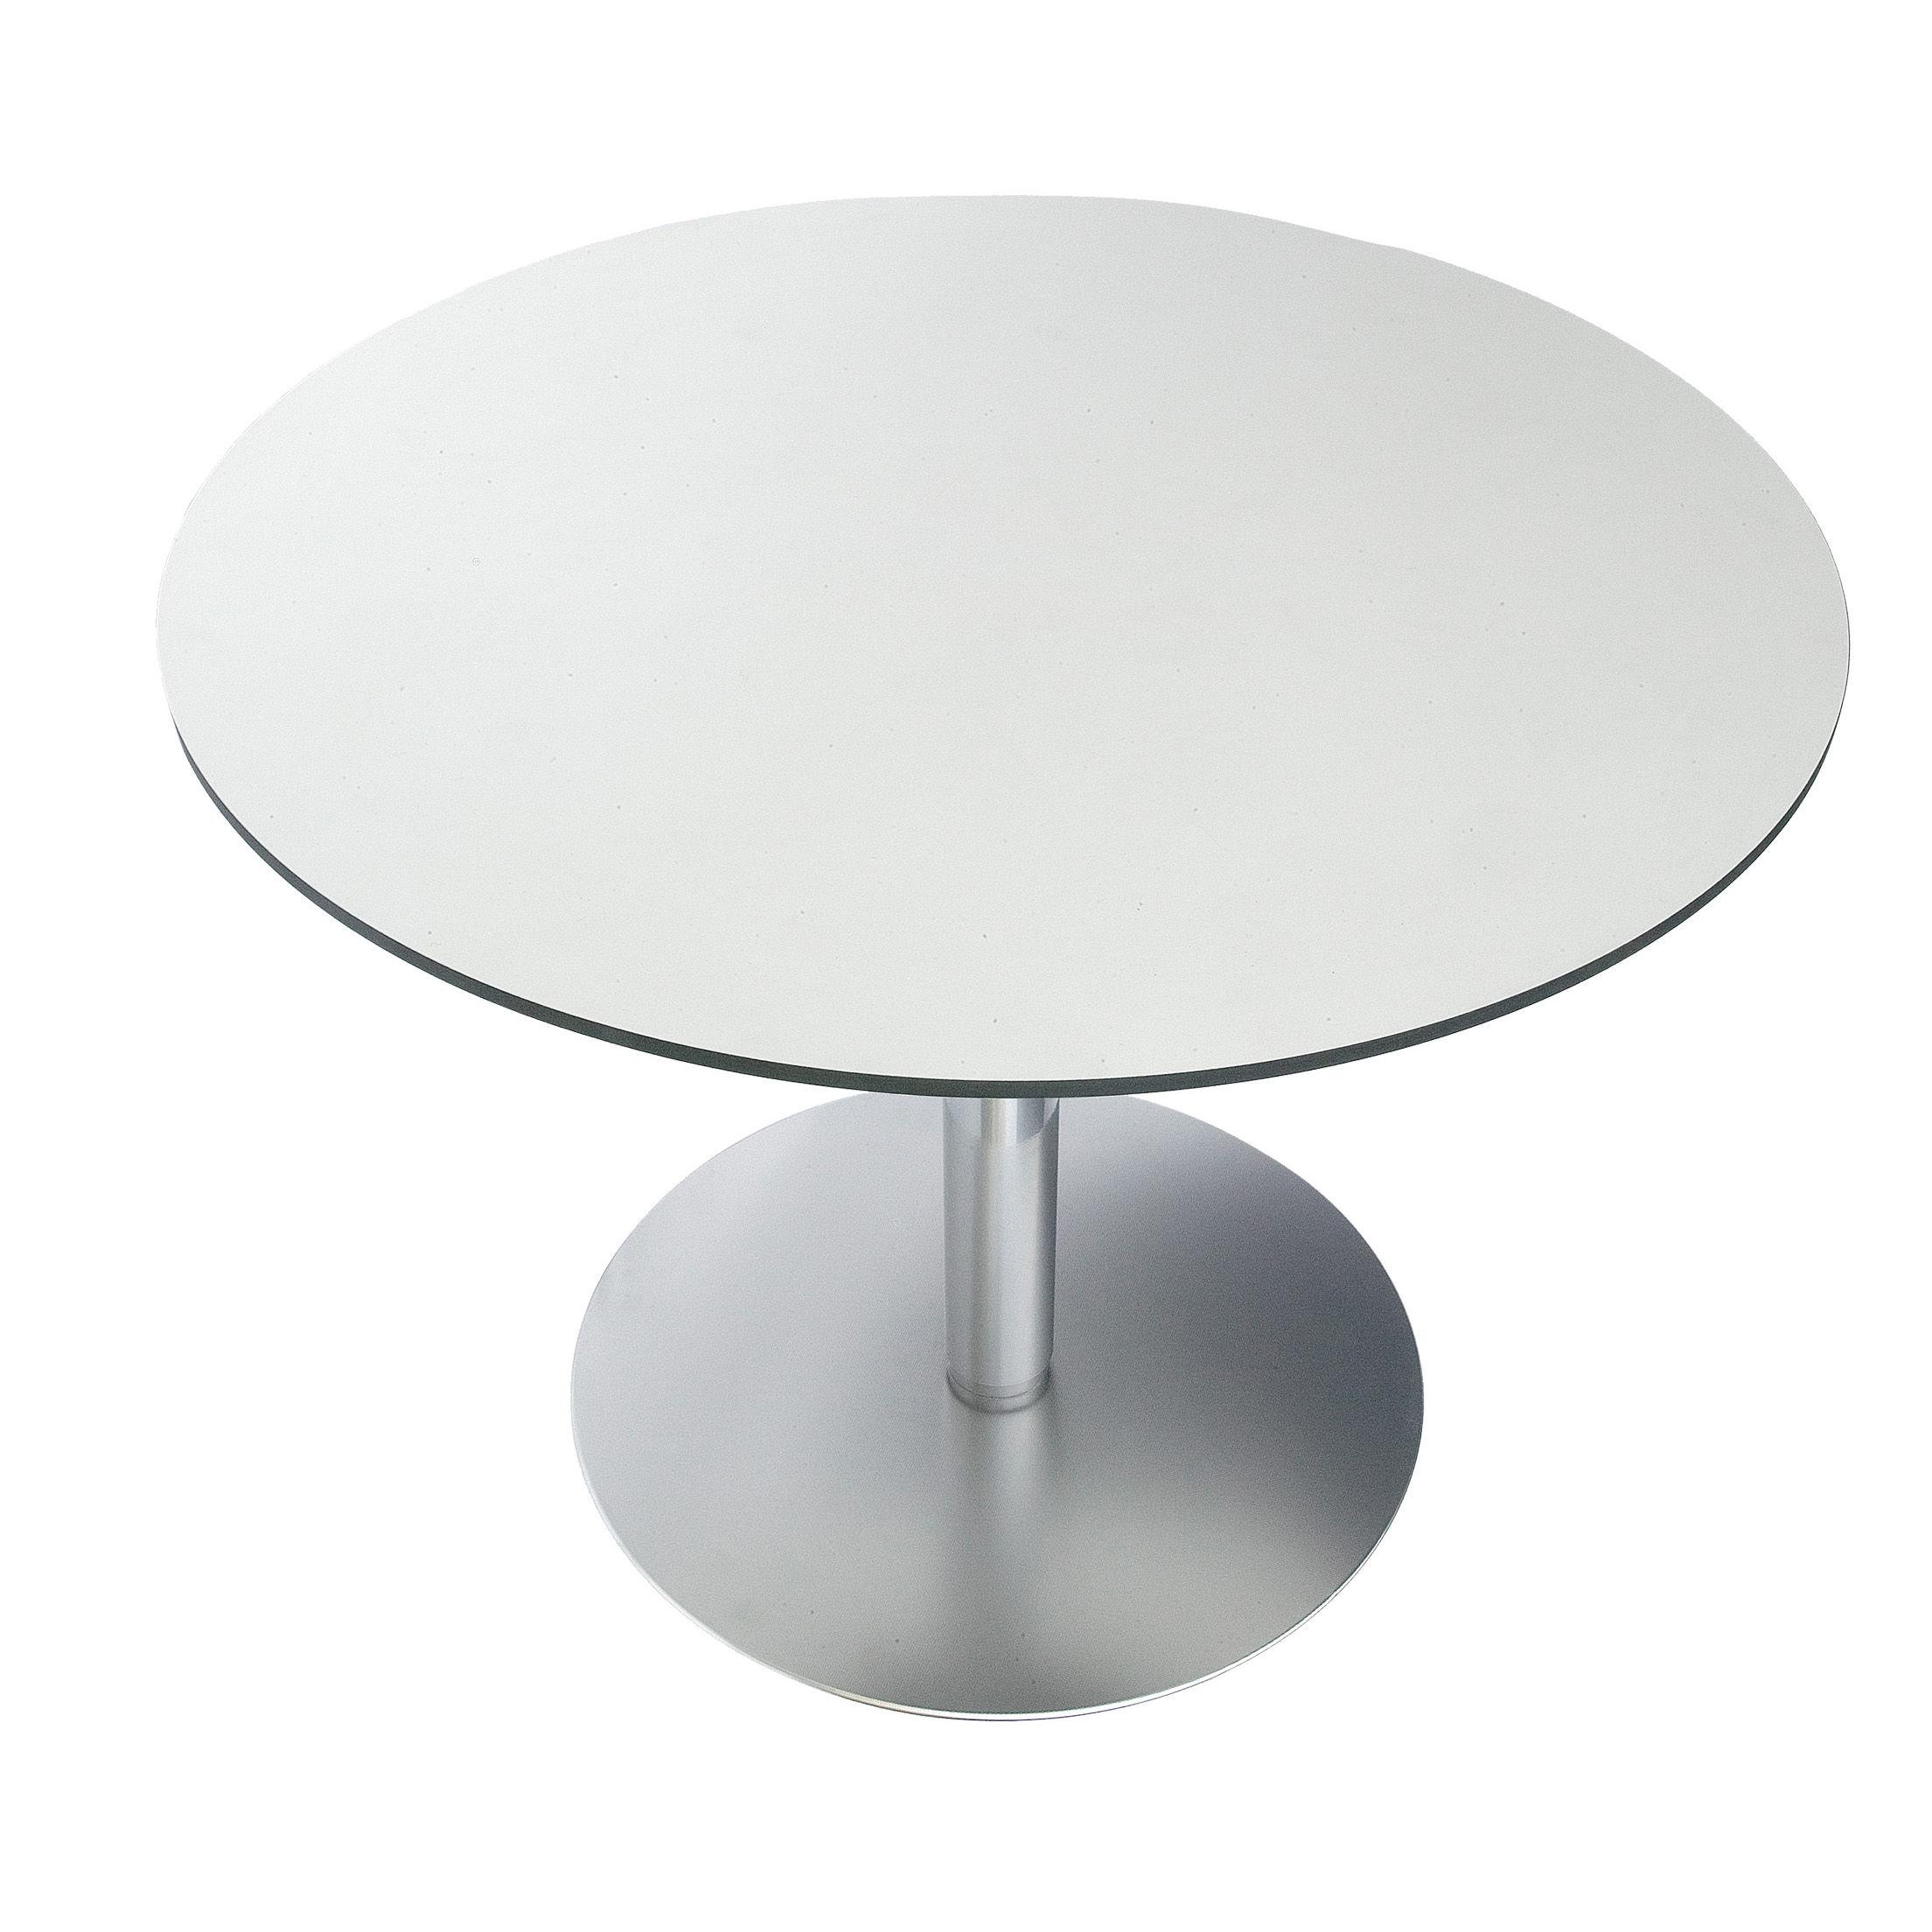 Möbel - Stehtische und Bars - Rondo Höhenverstellbarer Tisch / Ø 90 cm - Lapalma - HPL weiß - HPL, Stahl